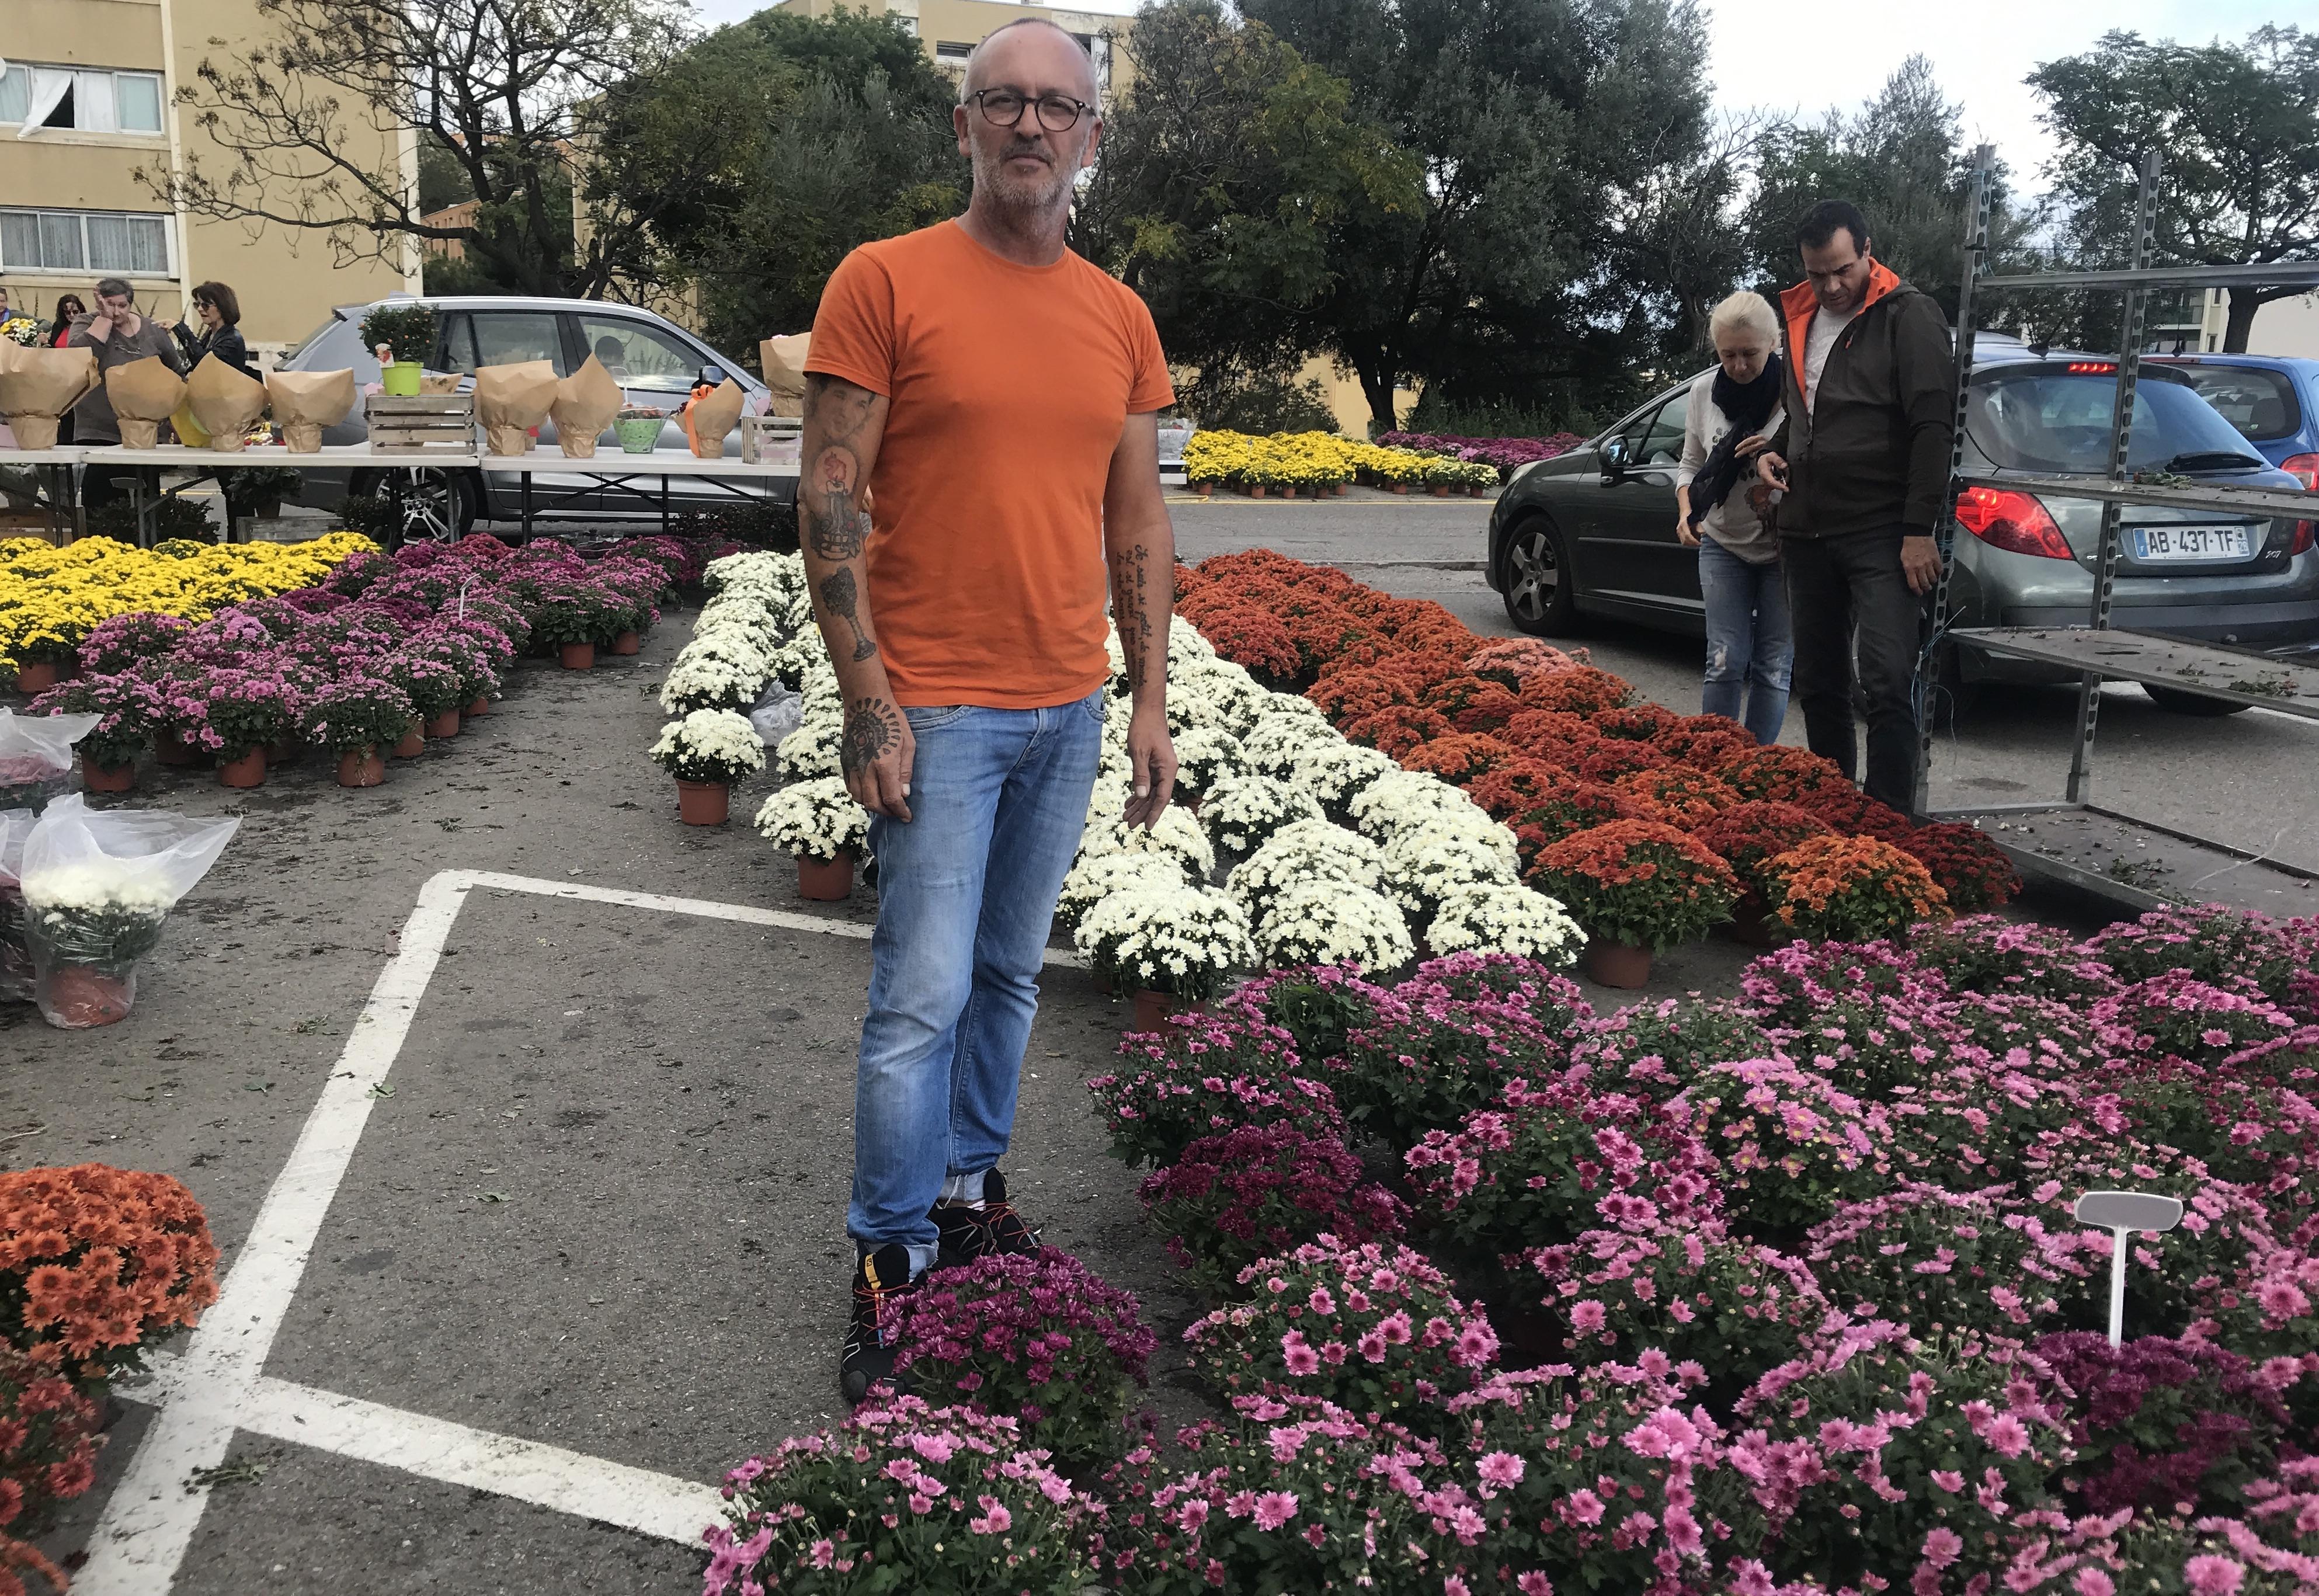 Chaque année, André vend 4000 pots de chrysanthèmes, un record national.